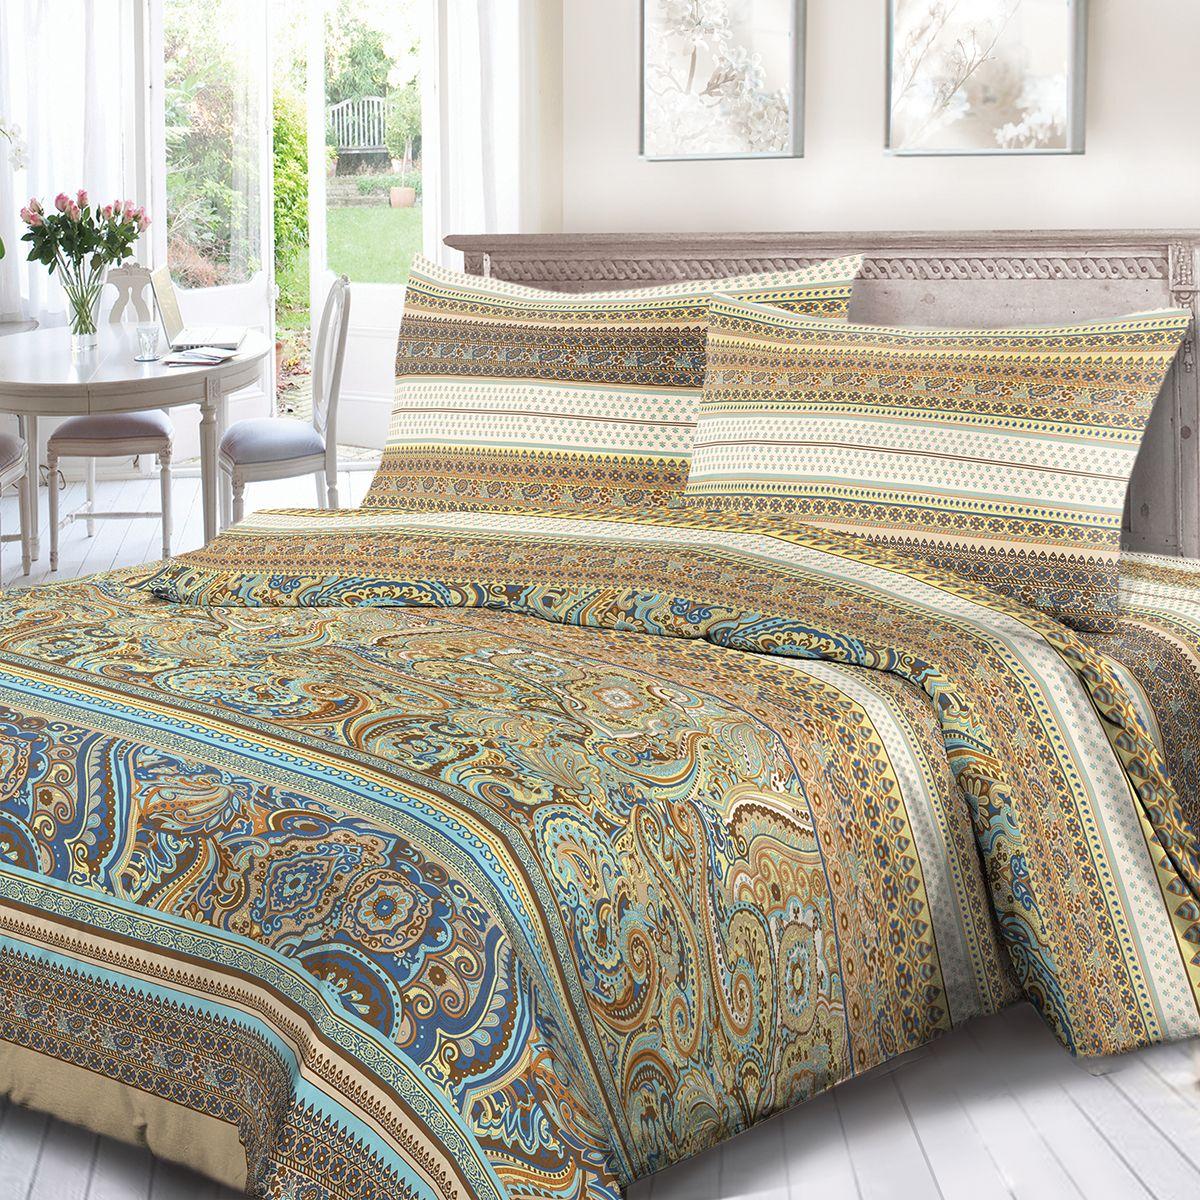 Комплект белья Сорренто Измир, евро, наволочки 70x70, цвет: разноцветный. 4126-190439